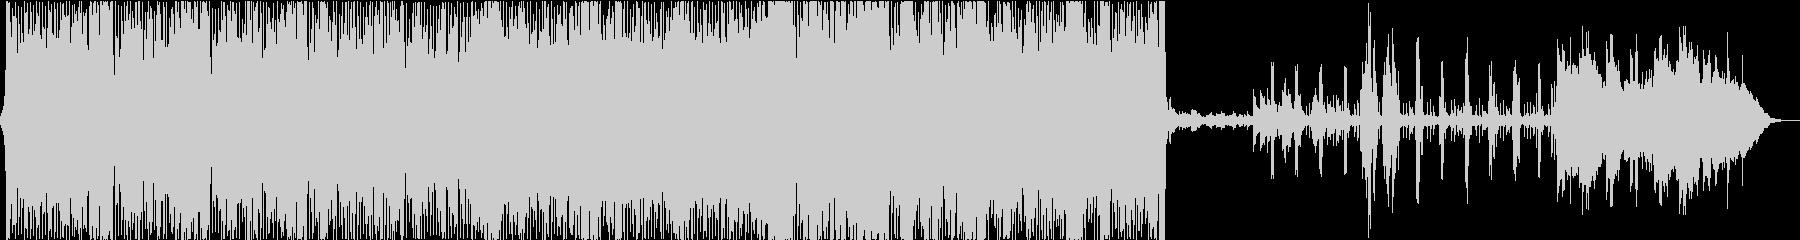 マイナーキーの切なく激しいロックの未再生の波形